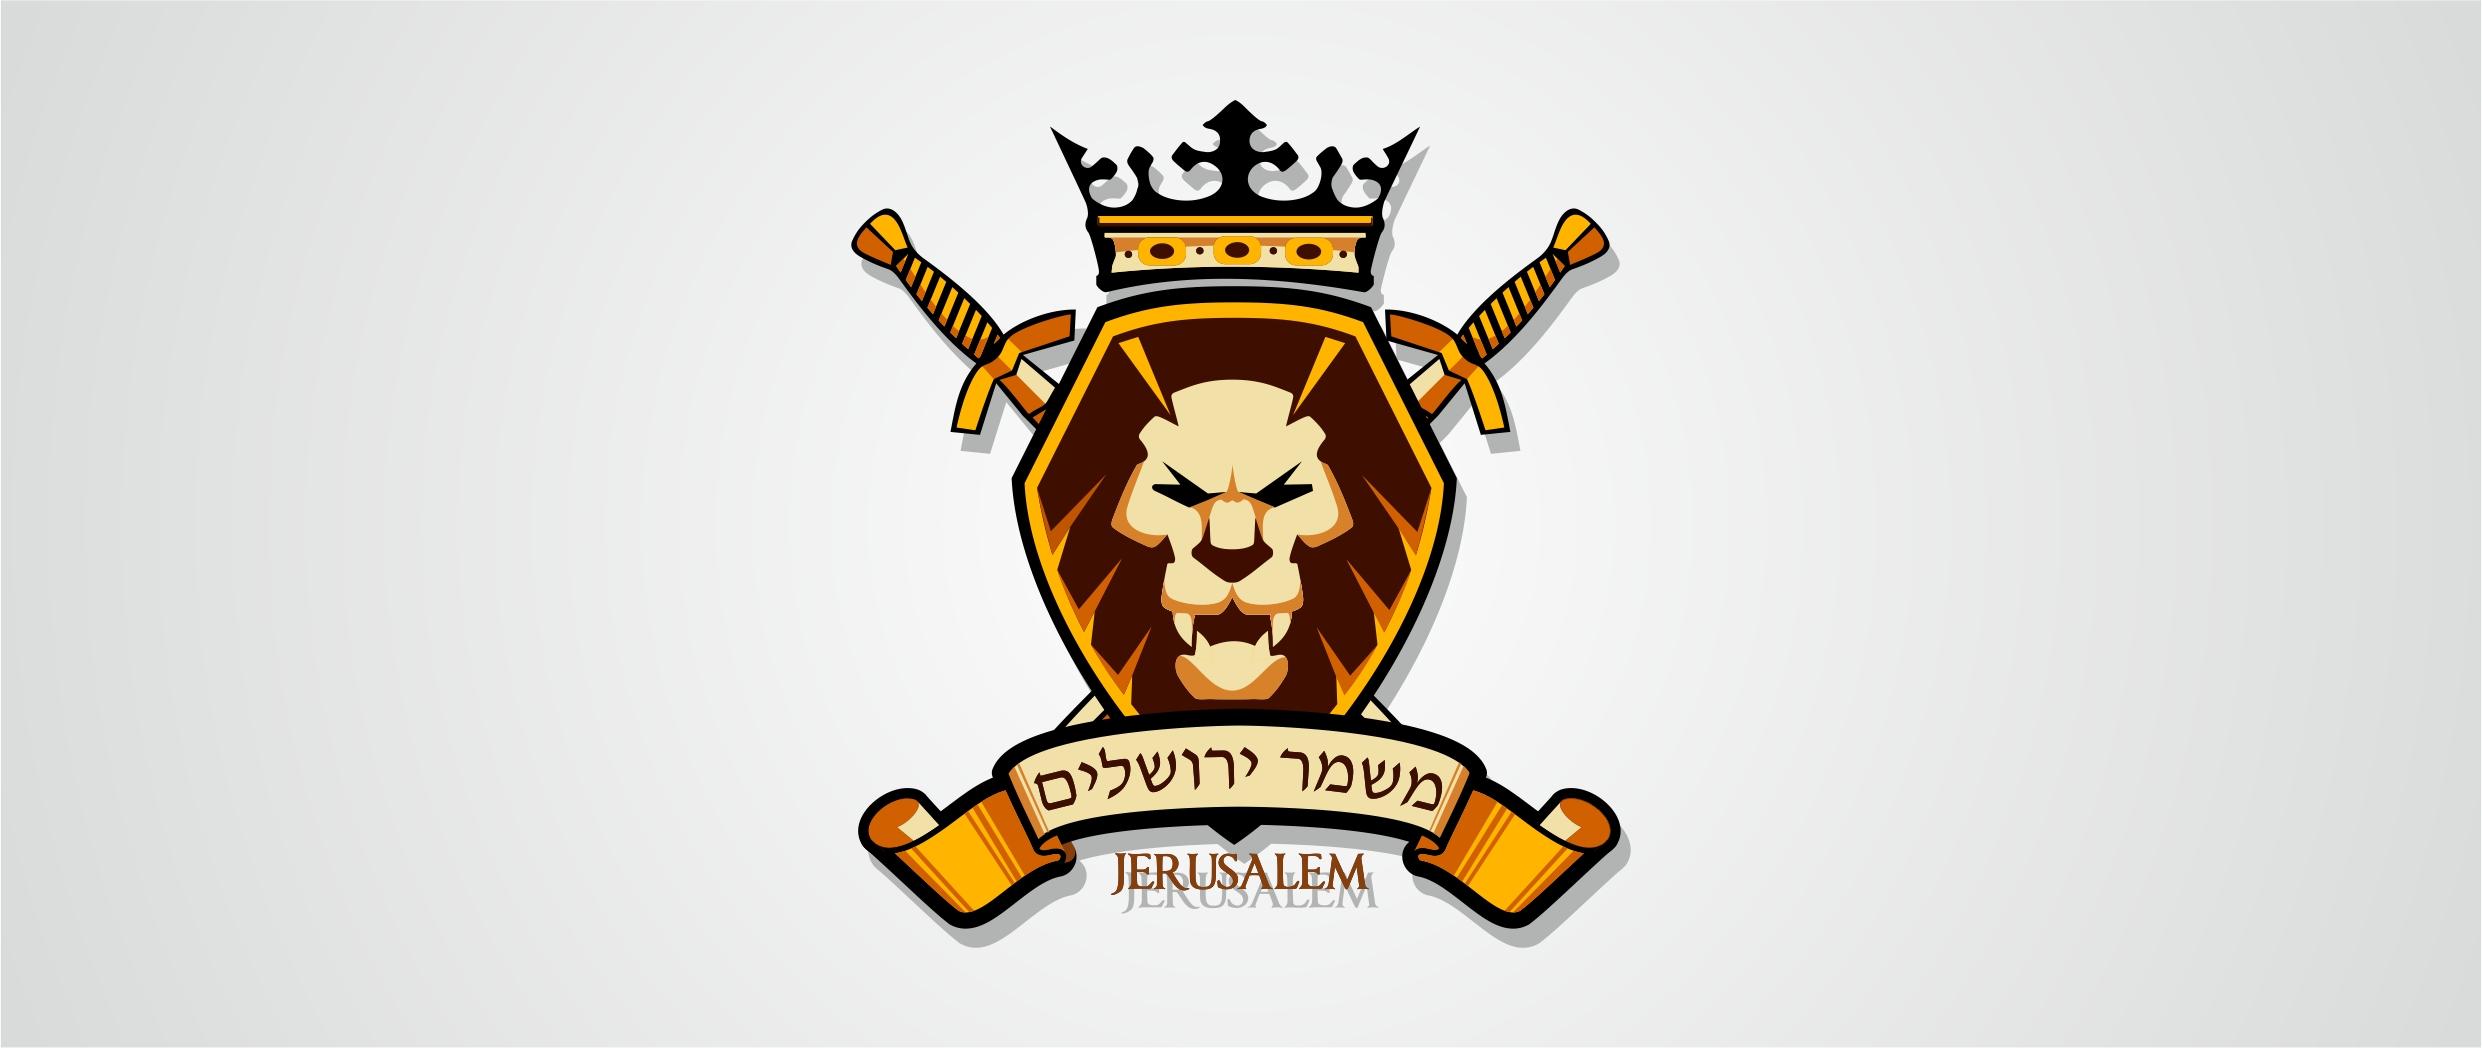 Разработка логотипа. Компания Страж Иерусалима фото f_91451f7ca3b10c03.jpg